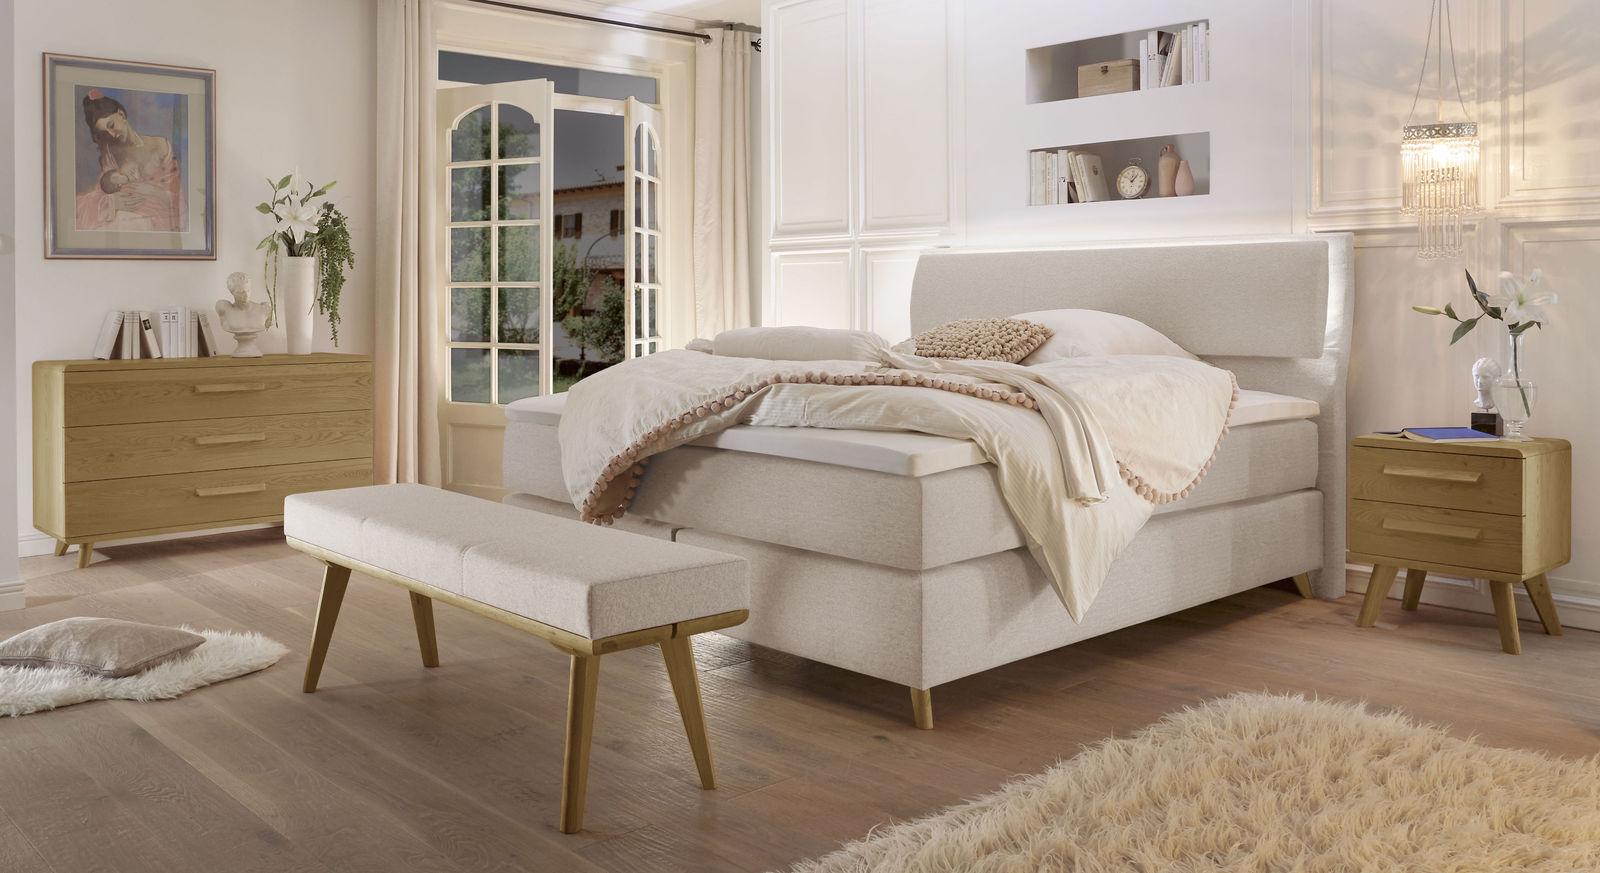 Bosxpringbett Somera mit passenden Schlafzimmermöbeln